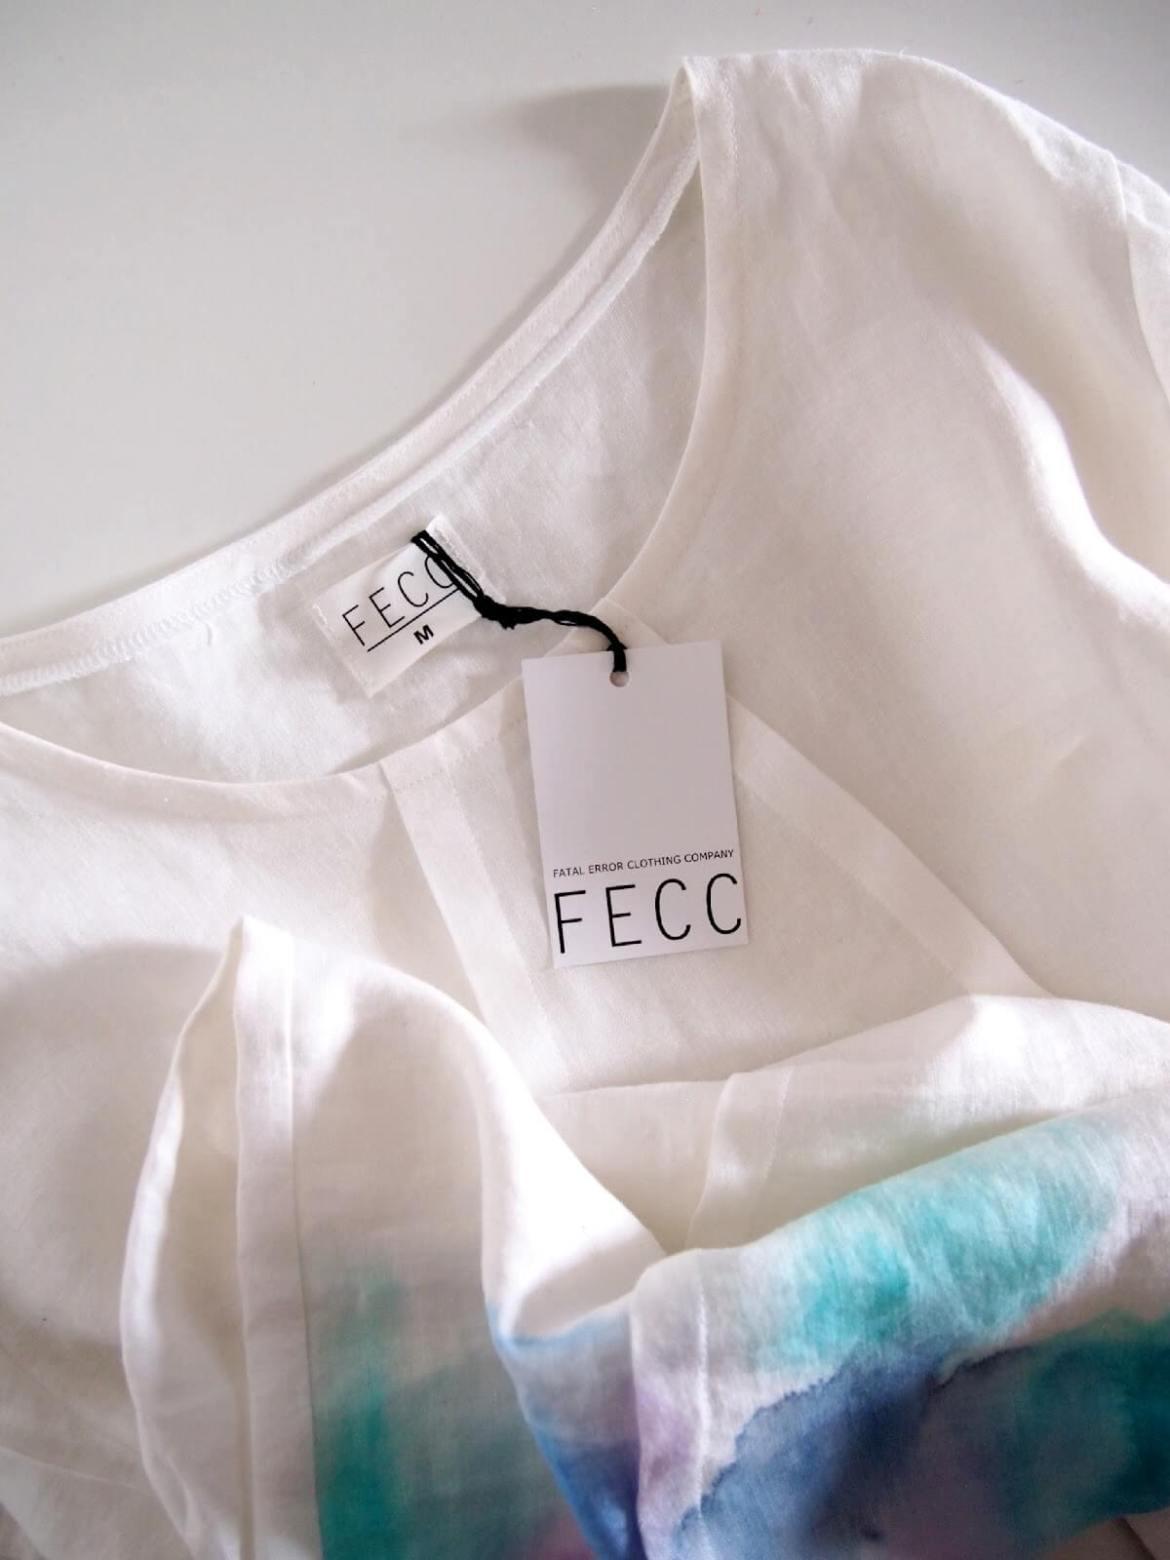 FECC vastuulliset vaatteet